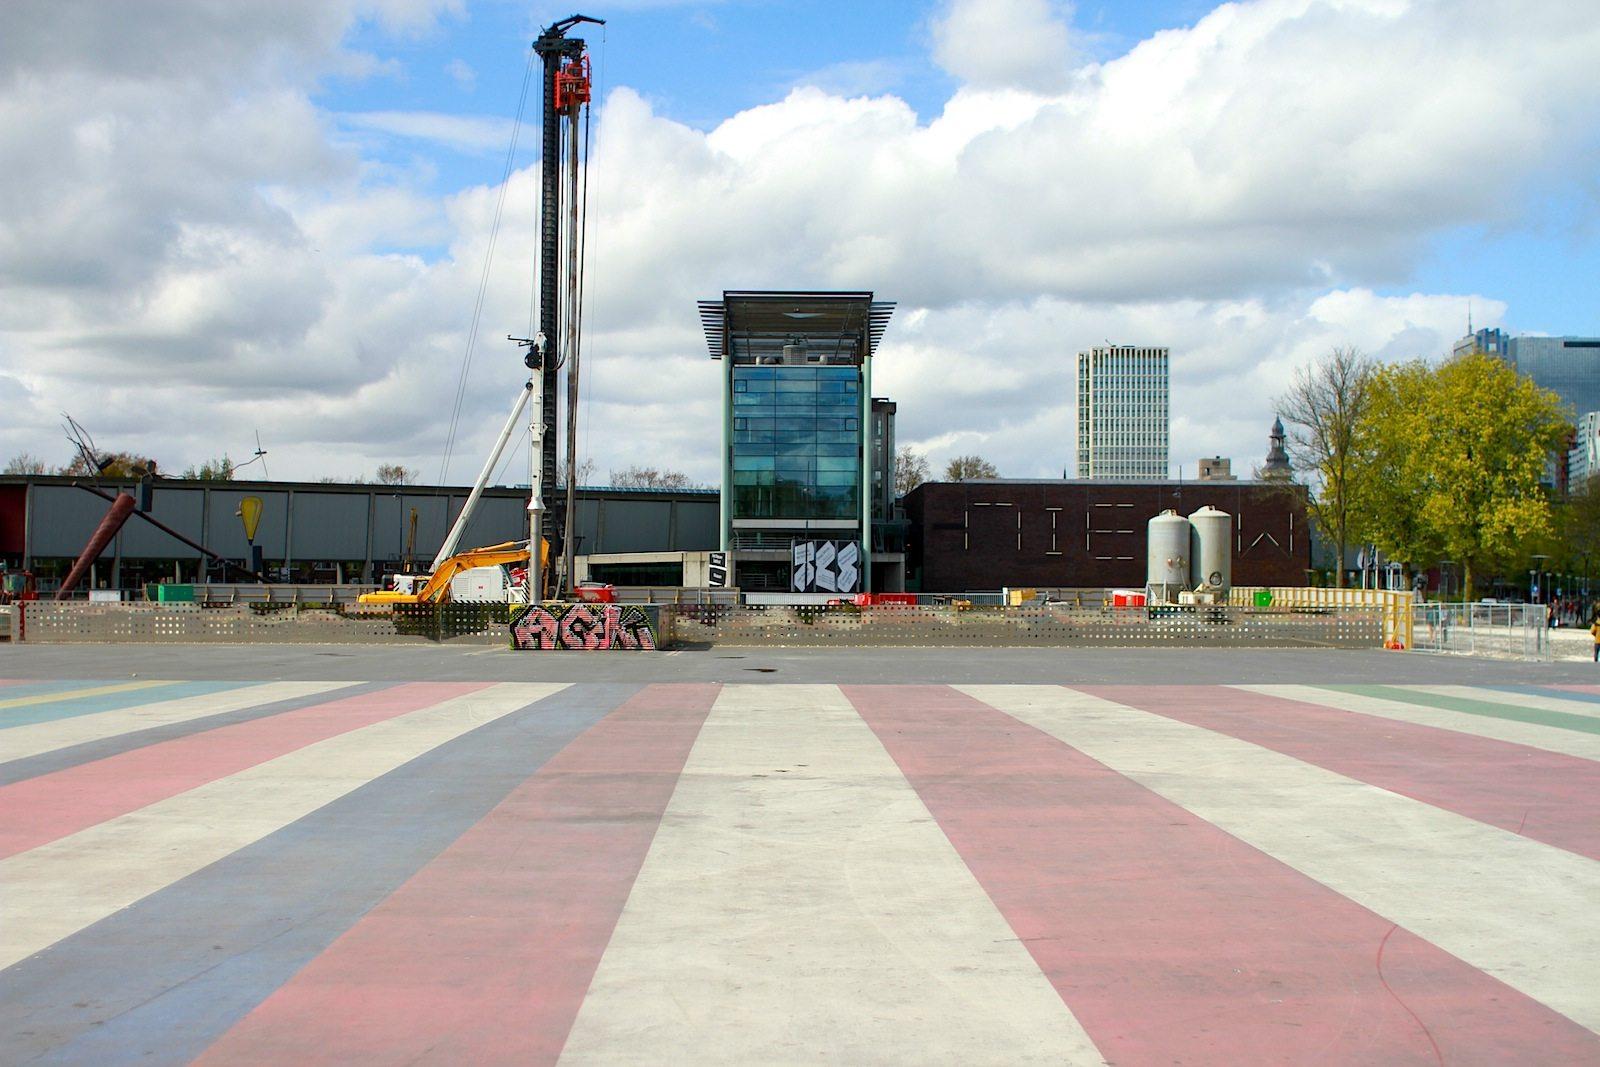 Museumspark Rotterdam.  Auf einer großen Fläche entsteht das Depot Boijmans Van Beuningen, entworfen von Winy Maas, Jacob van Rijs und Nathalie de Vries bzw. MVRDV. Zu den bekanntesten Werken des experimentell arbeitenden Büros aus Rotterdam (1993 gegründet) gehören der Expo-Pavillon in Hannover (2000) und die Markthal in Rotterdam aus dem Jahr 2014.